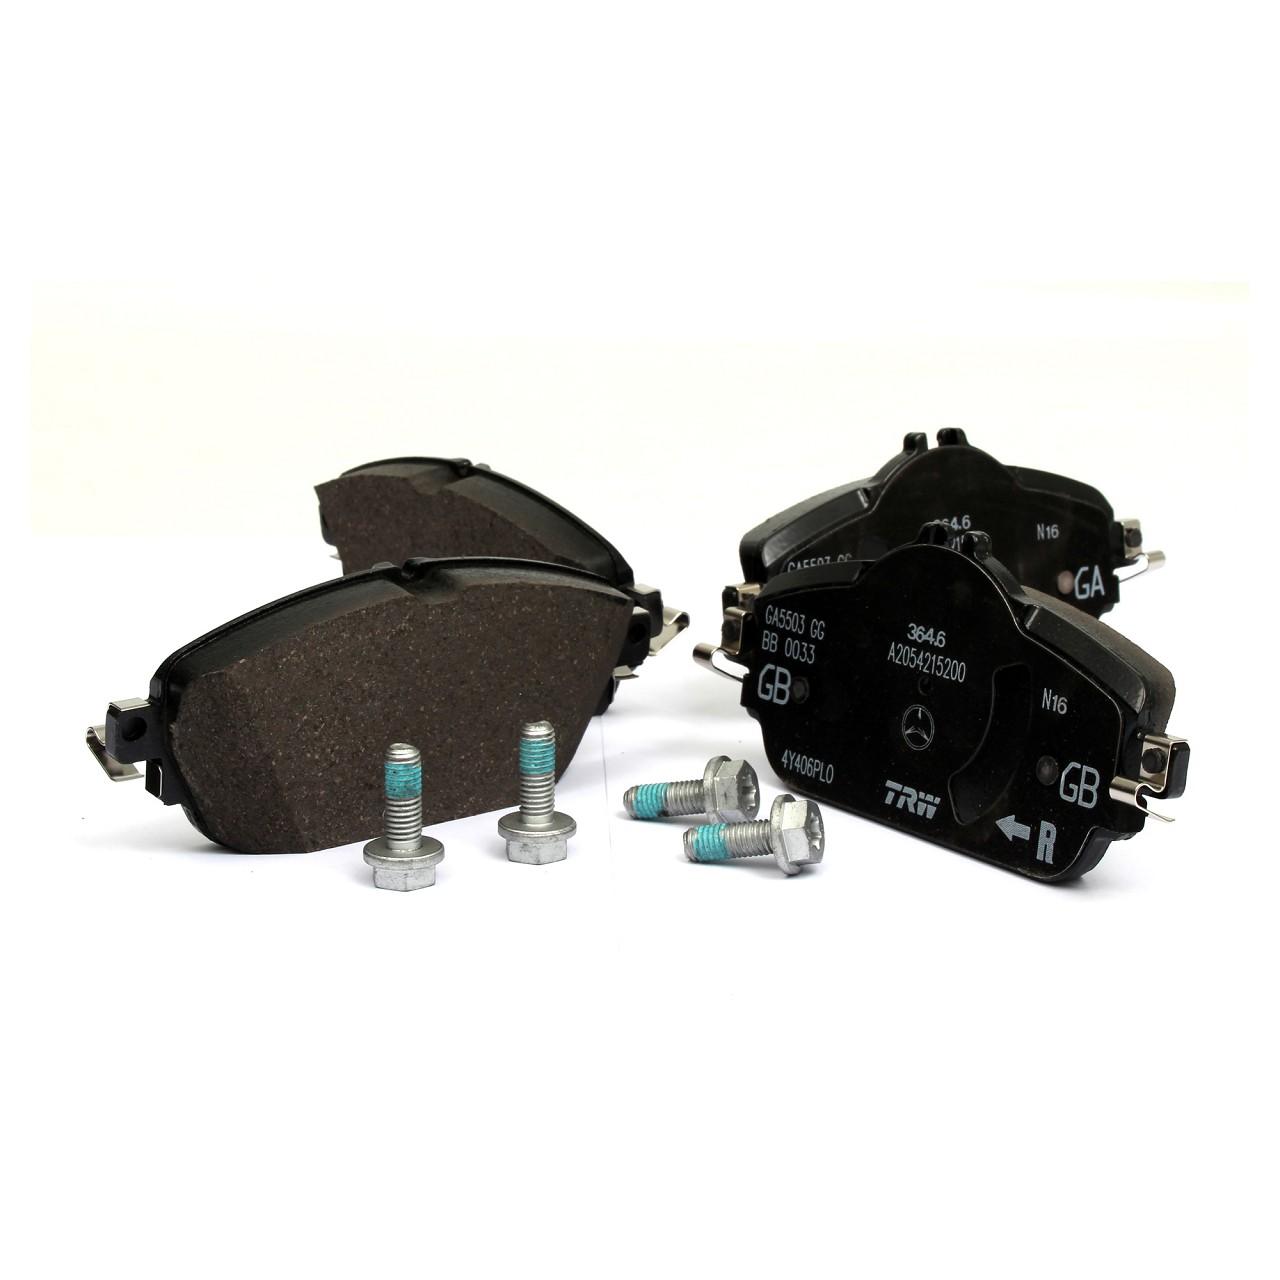 ORIGINAL Mercedes-Benz Bremsen Kit Bremsscheiben + Beläge + Wako W205 W213 vorne